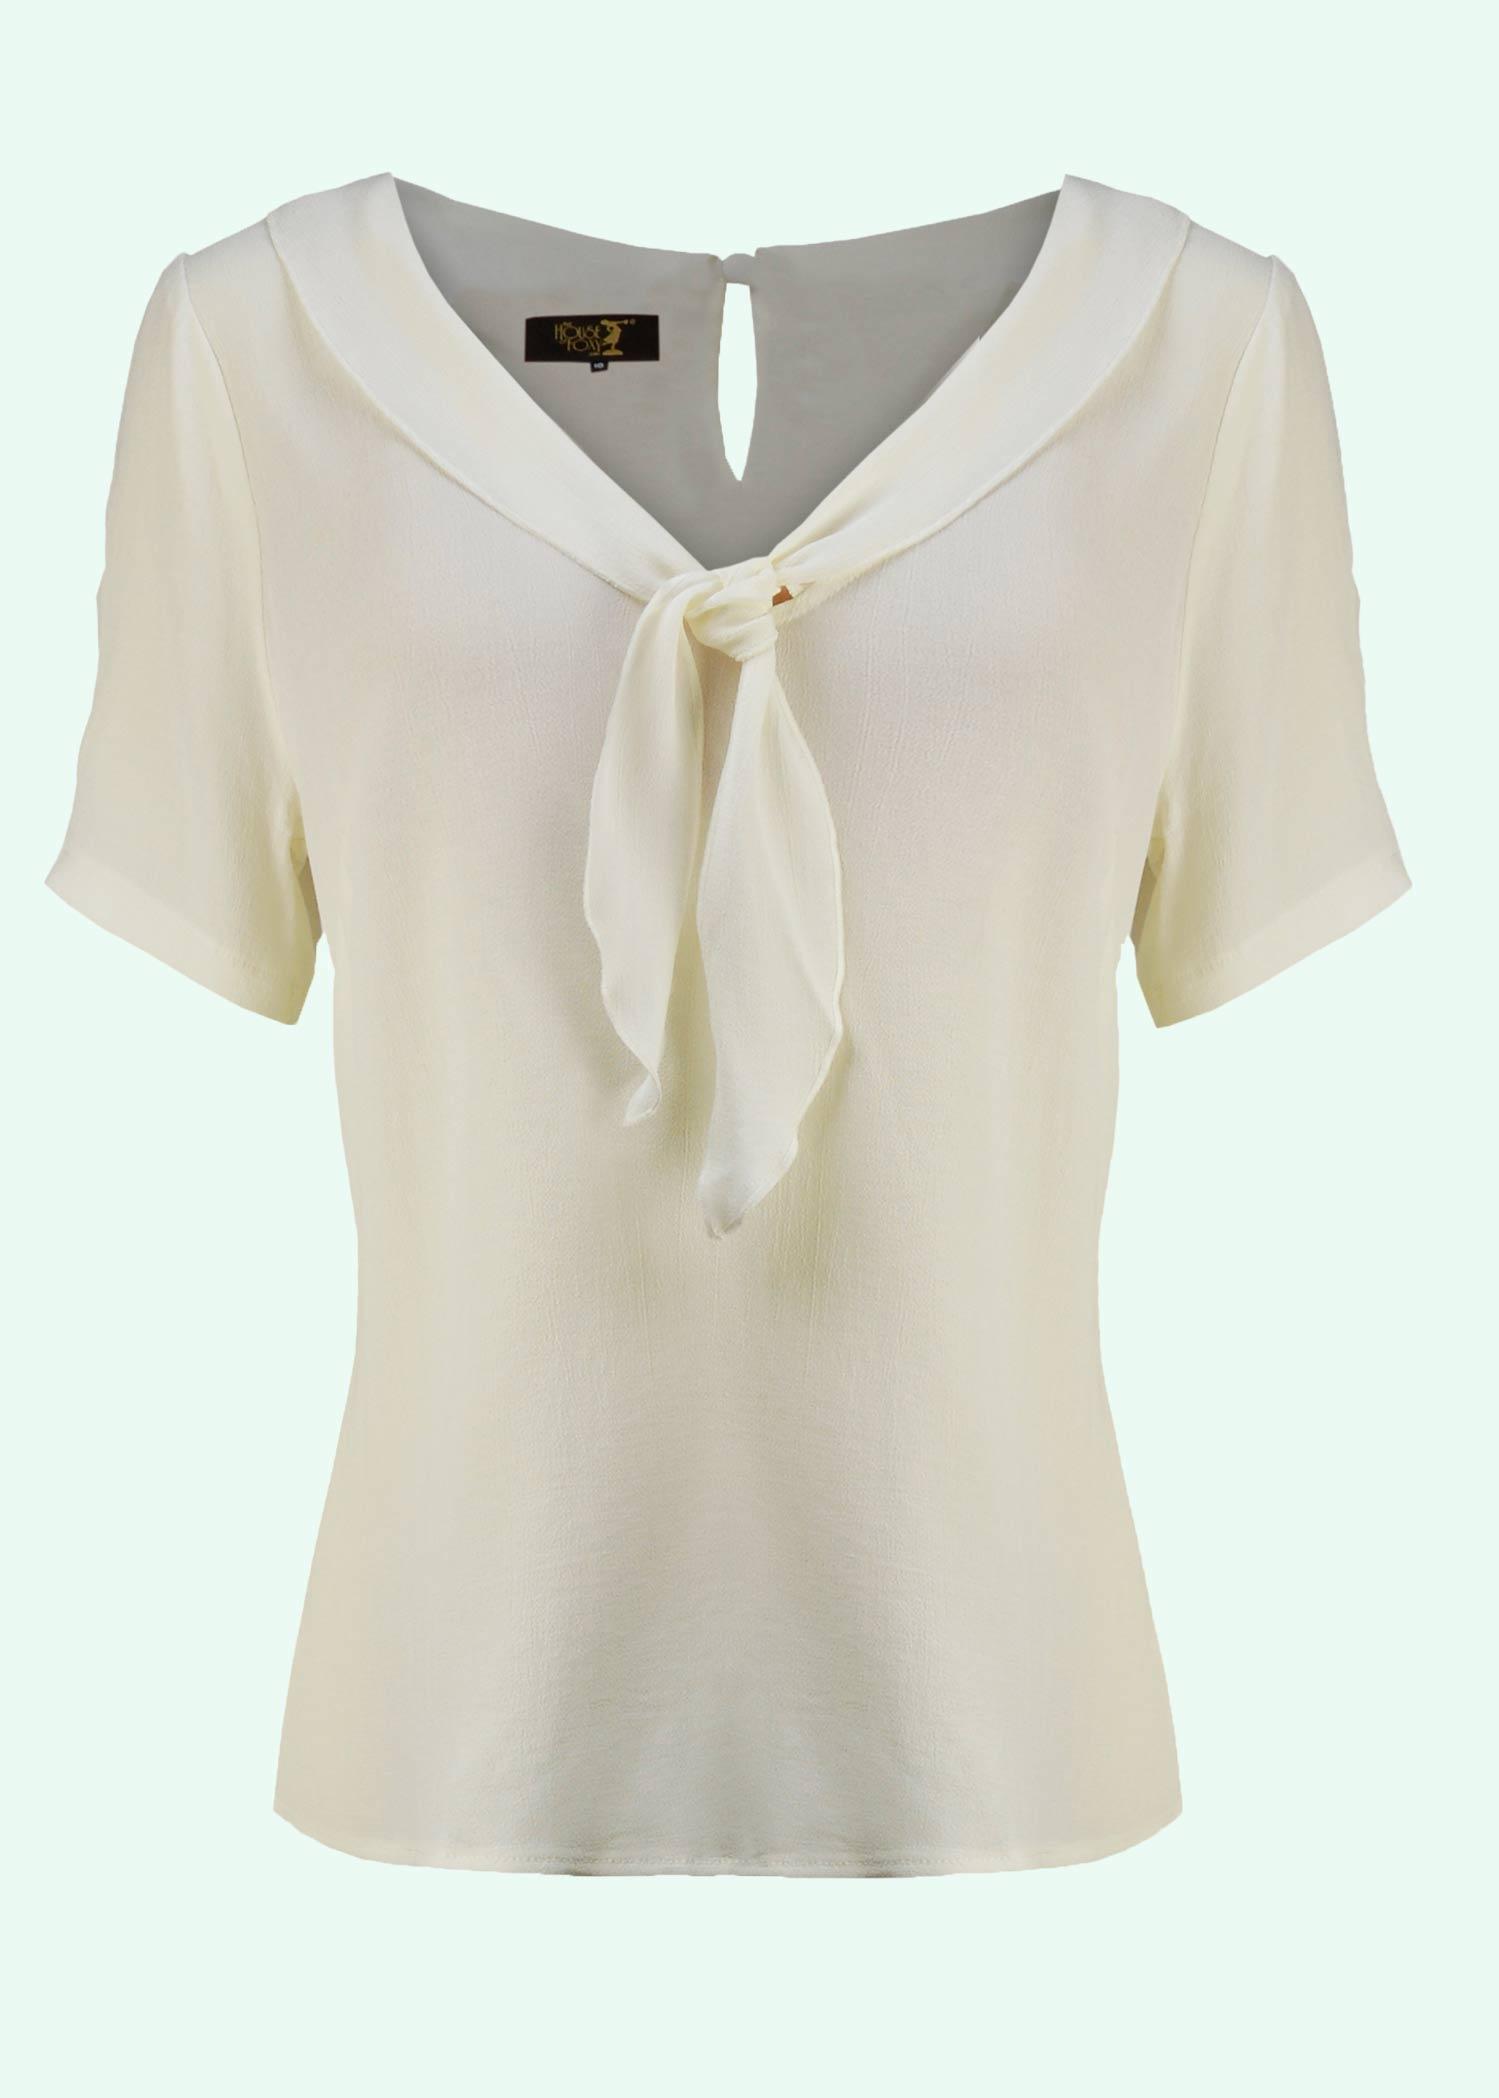 Vinatge stils bluse i creme hvid fra The House Of Foxy